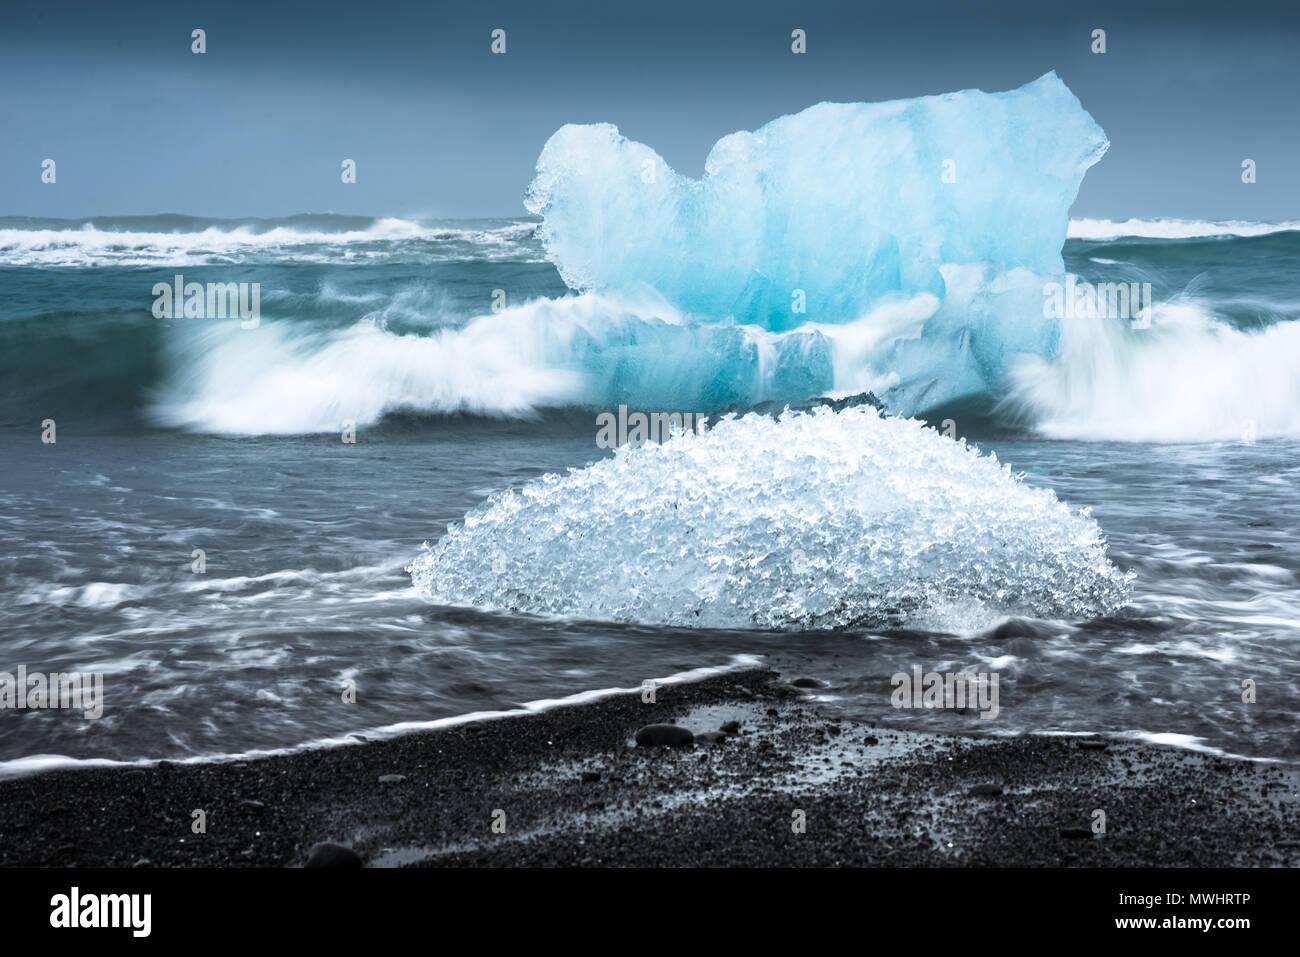 longexposure image of two icebergs at Diamond Beach at Jökulsárlón - Stock Image